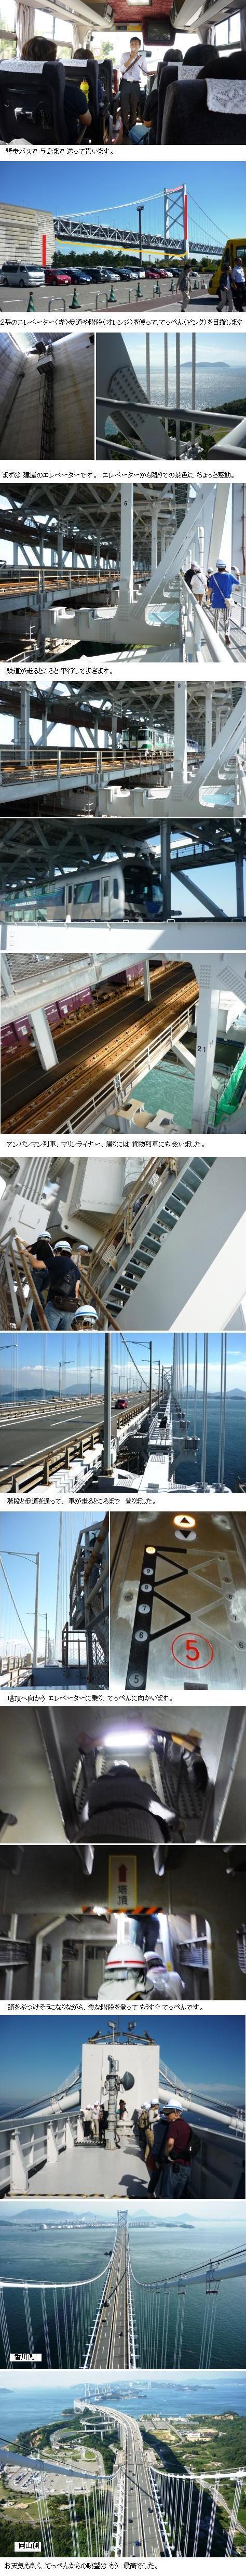 a瀬戸大橋2P1260453